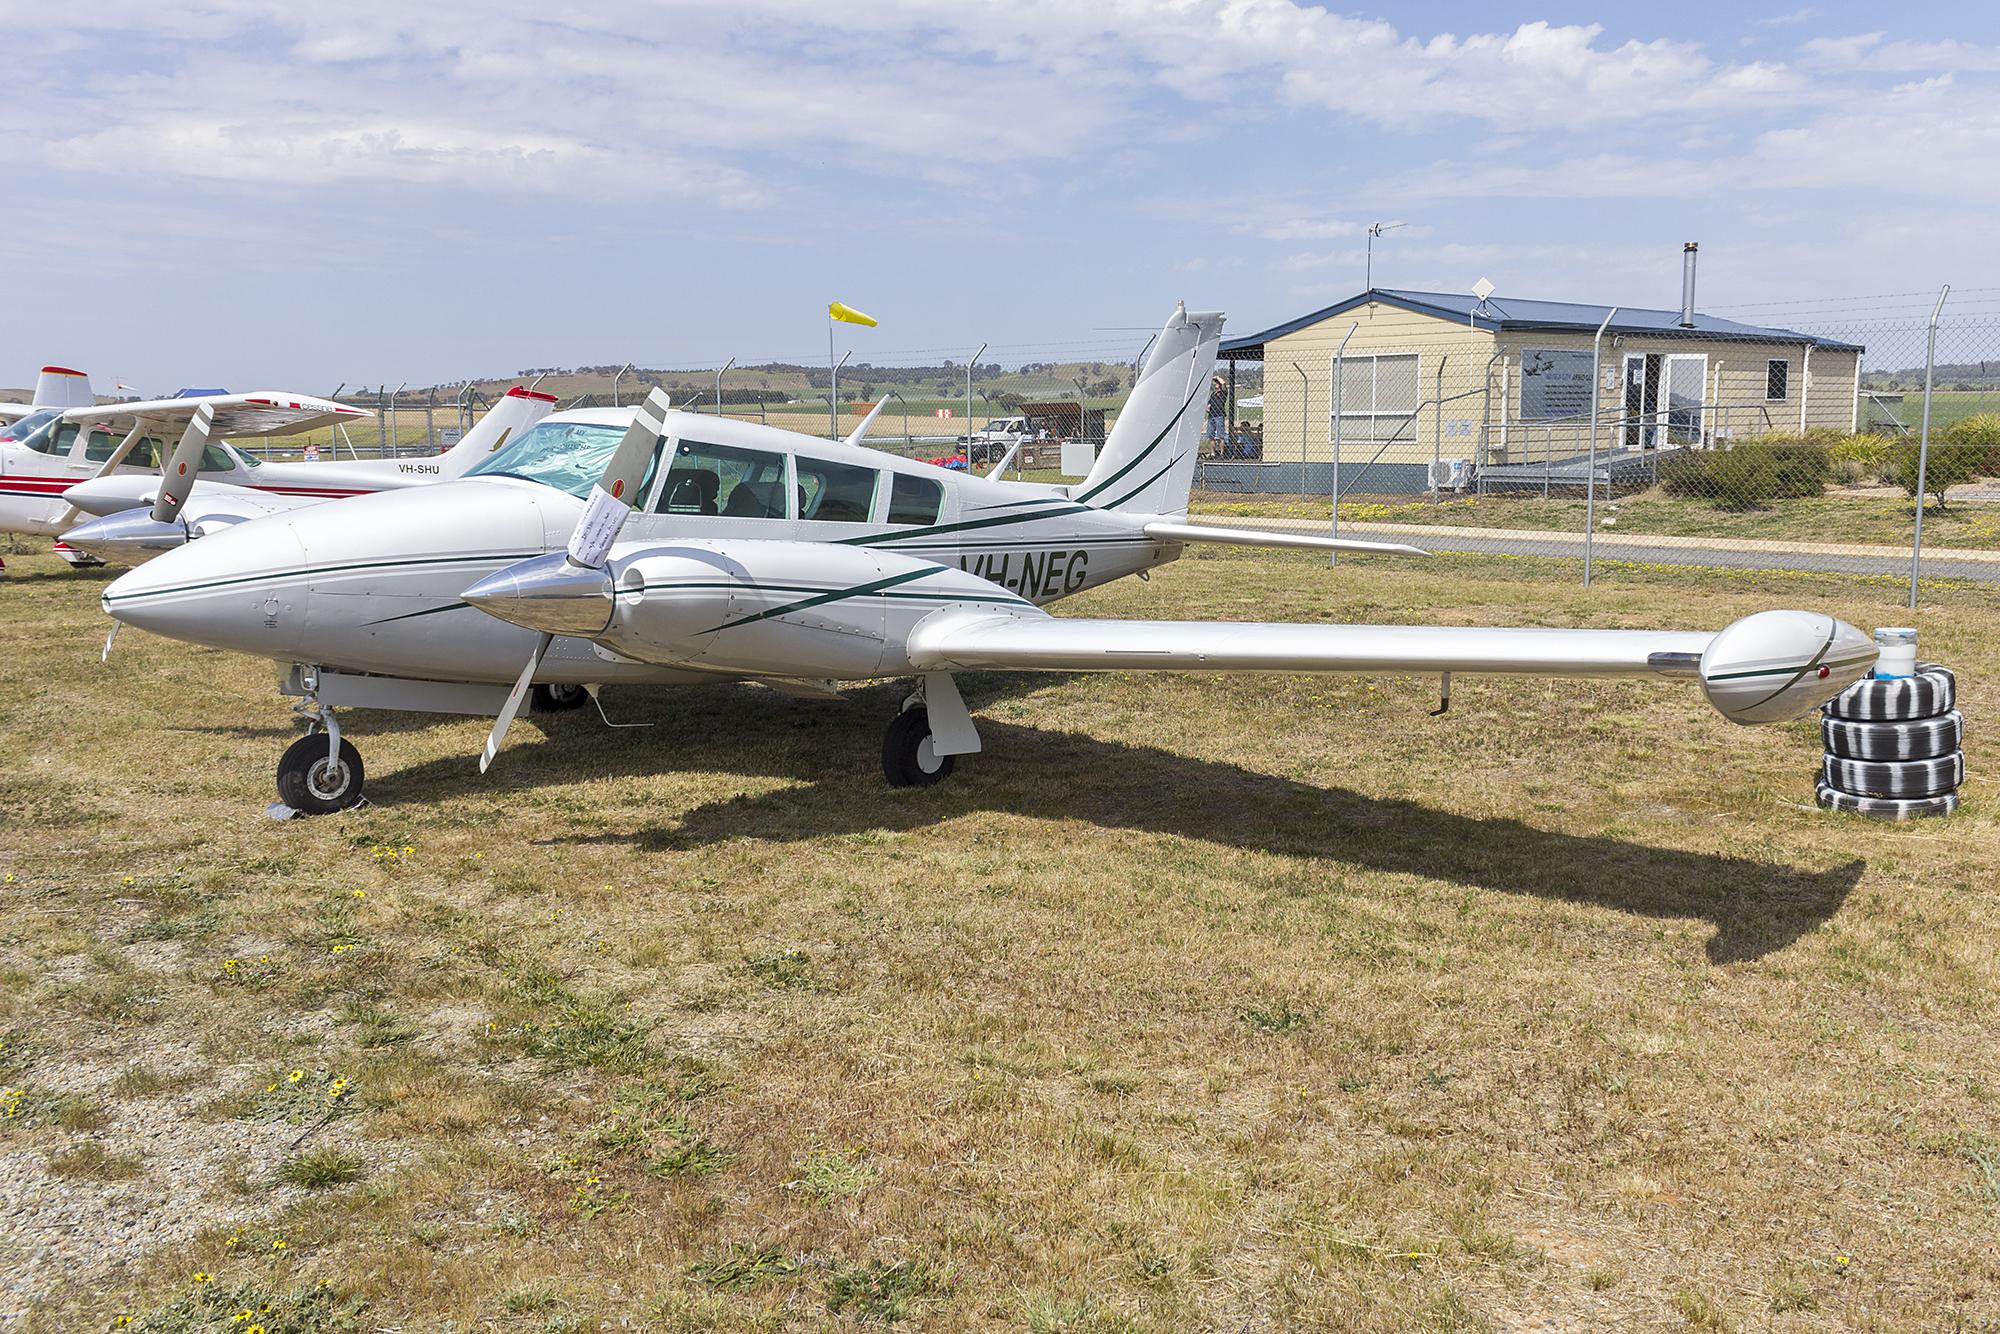 File:Piper PA-30 Twin Comanche (VH-NEG) at Wagga Wagga